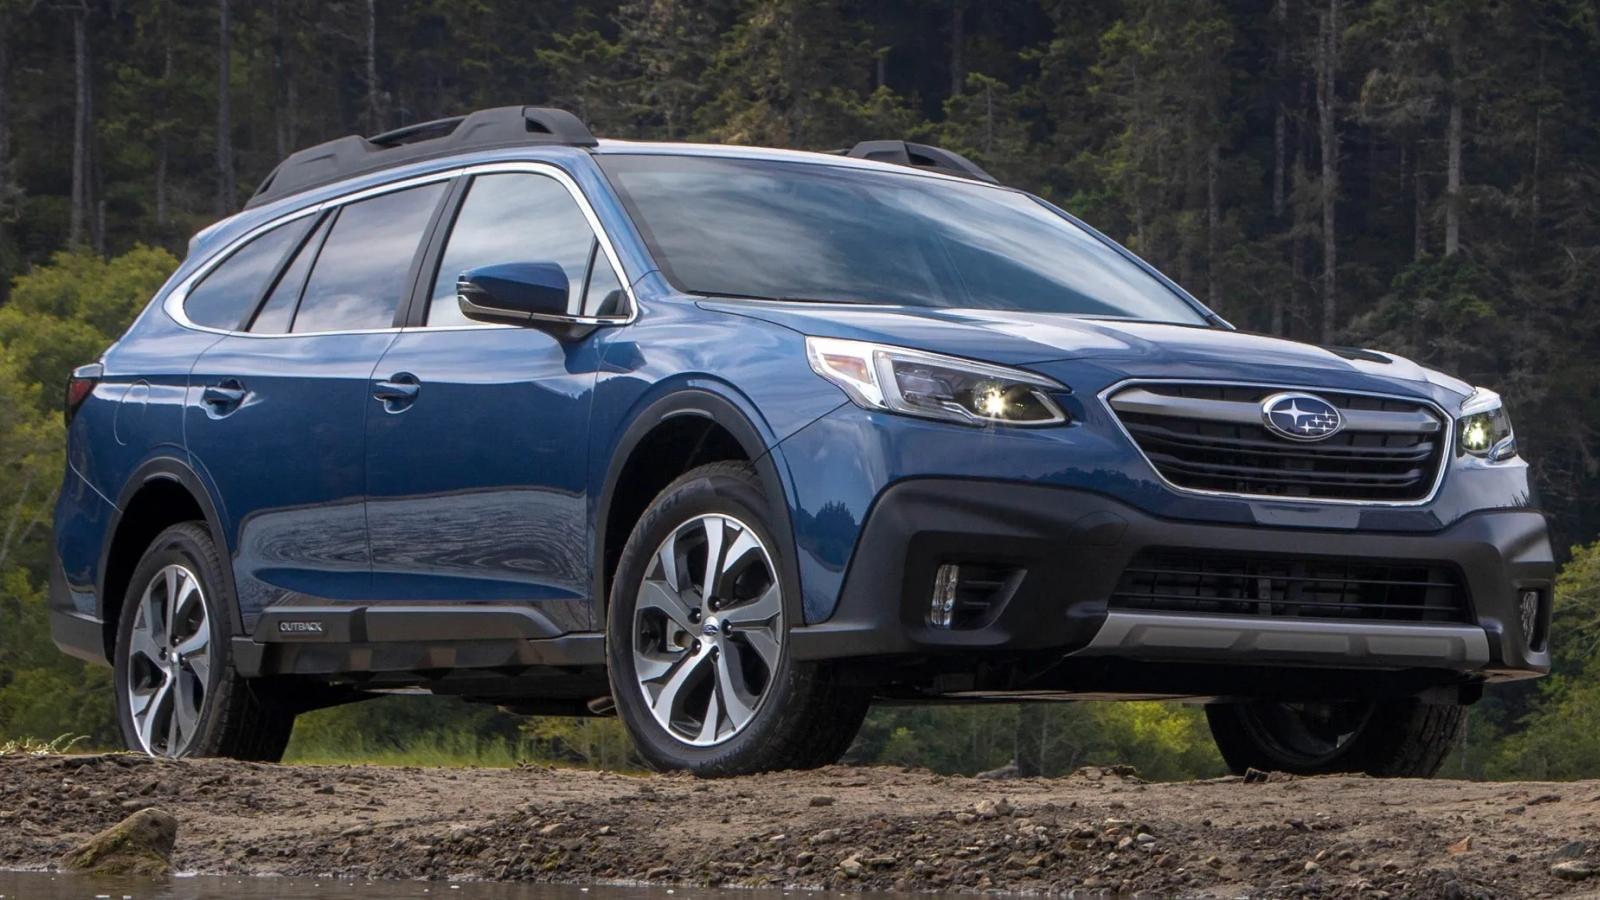 Thiếu chip, Subaru dừng sản xuất tại các nhà máy ở Nhật